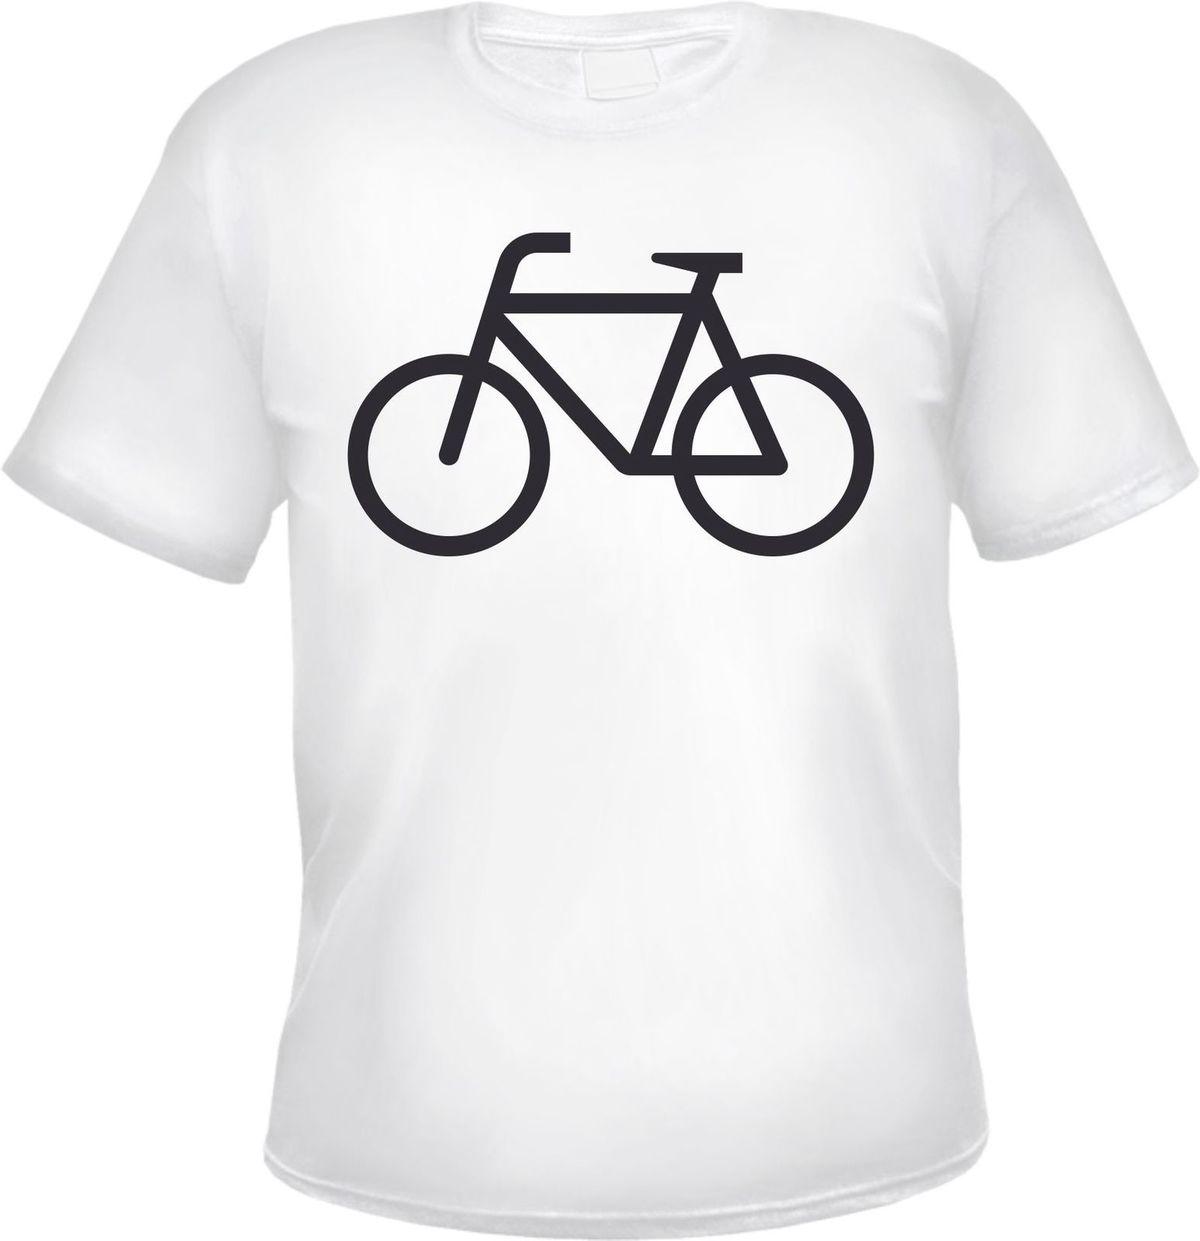 2018 Fashion Casual Men Hot Sale Cotton T shirt Biker Men 39 s T Shirt in T Shirts from Men 39 s Clothing